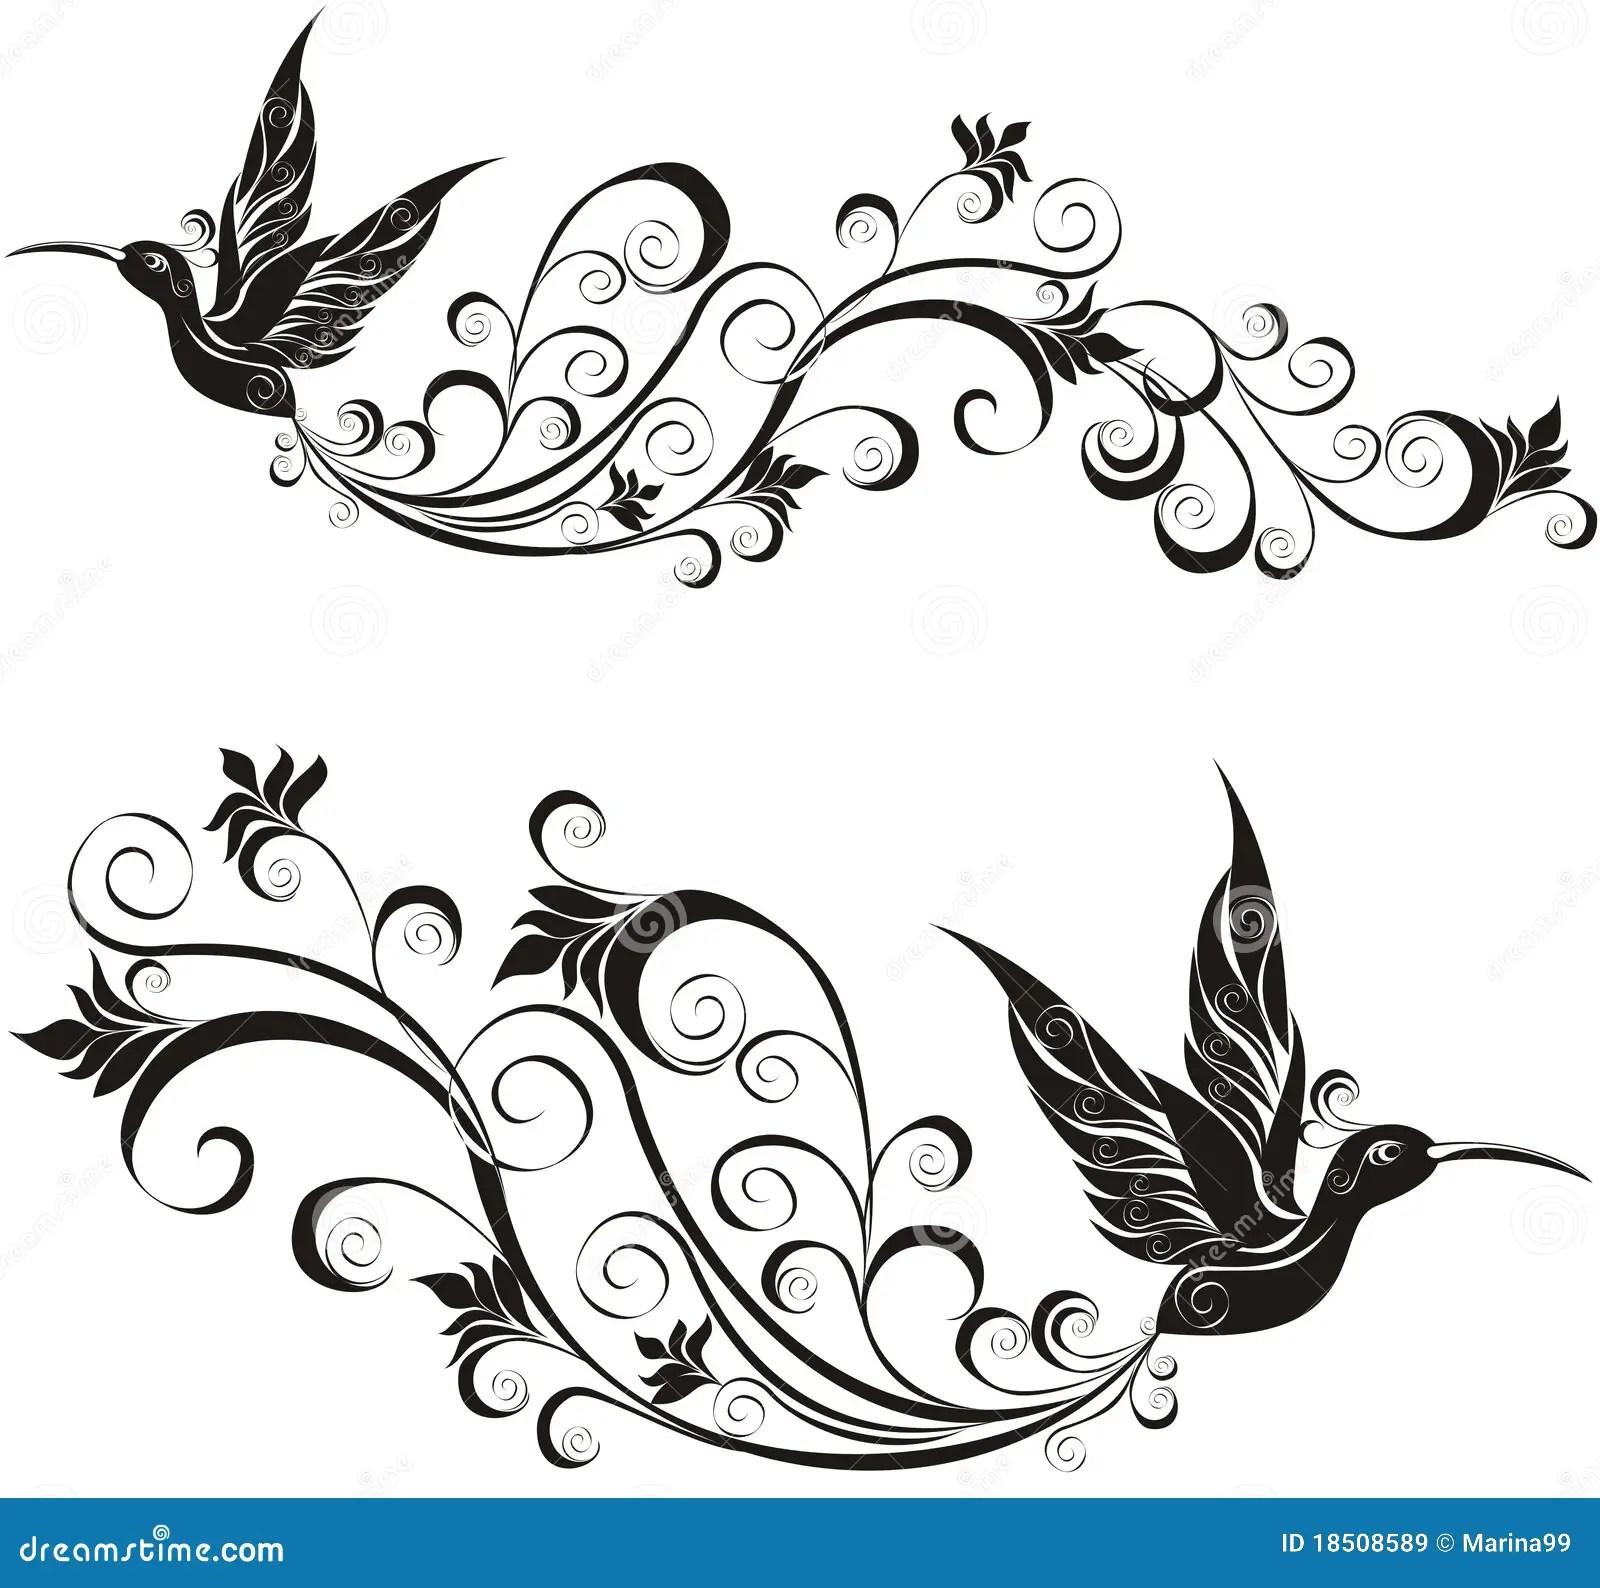 Hummingbird Vector Illustration Stock Vector